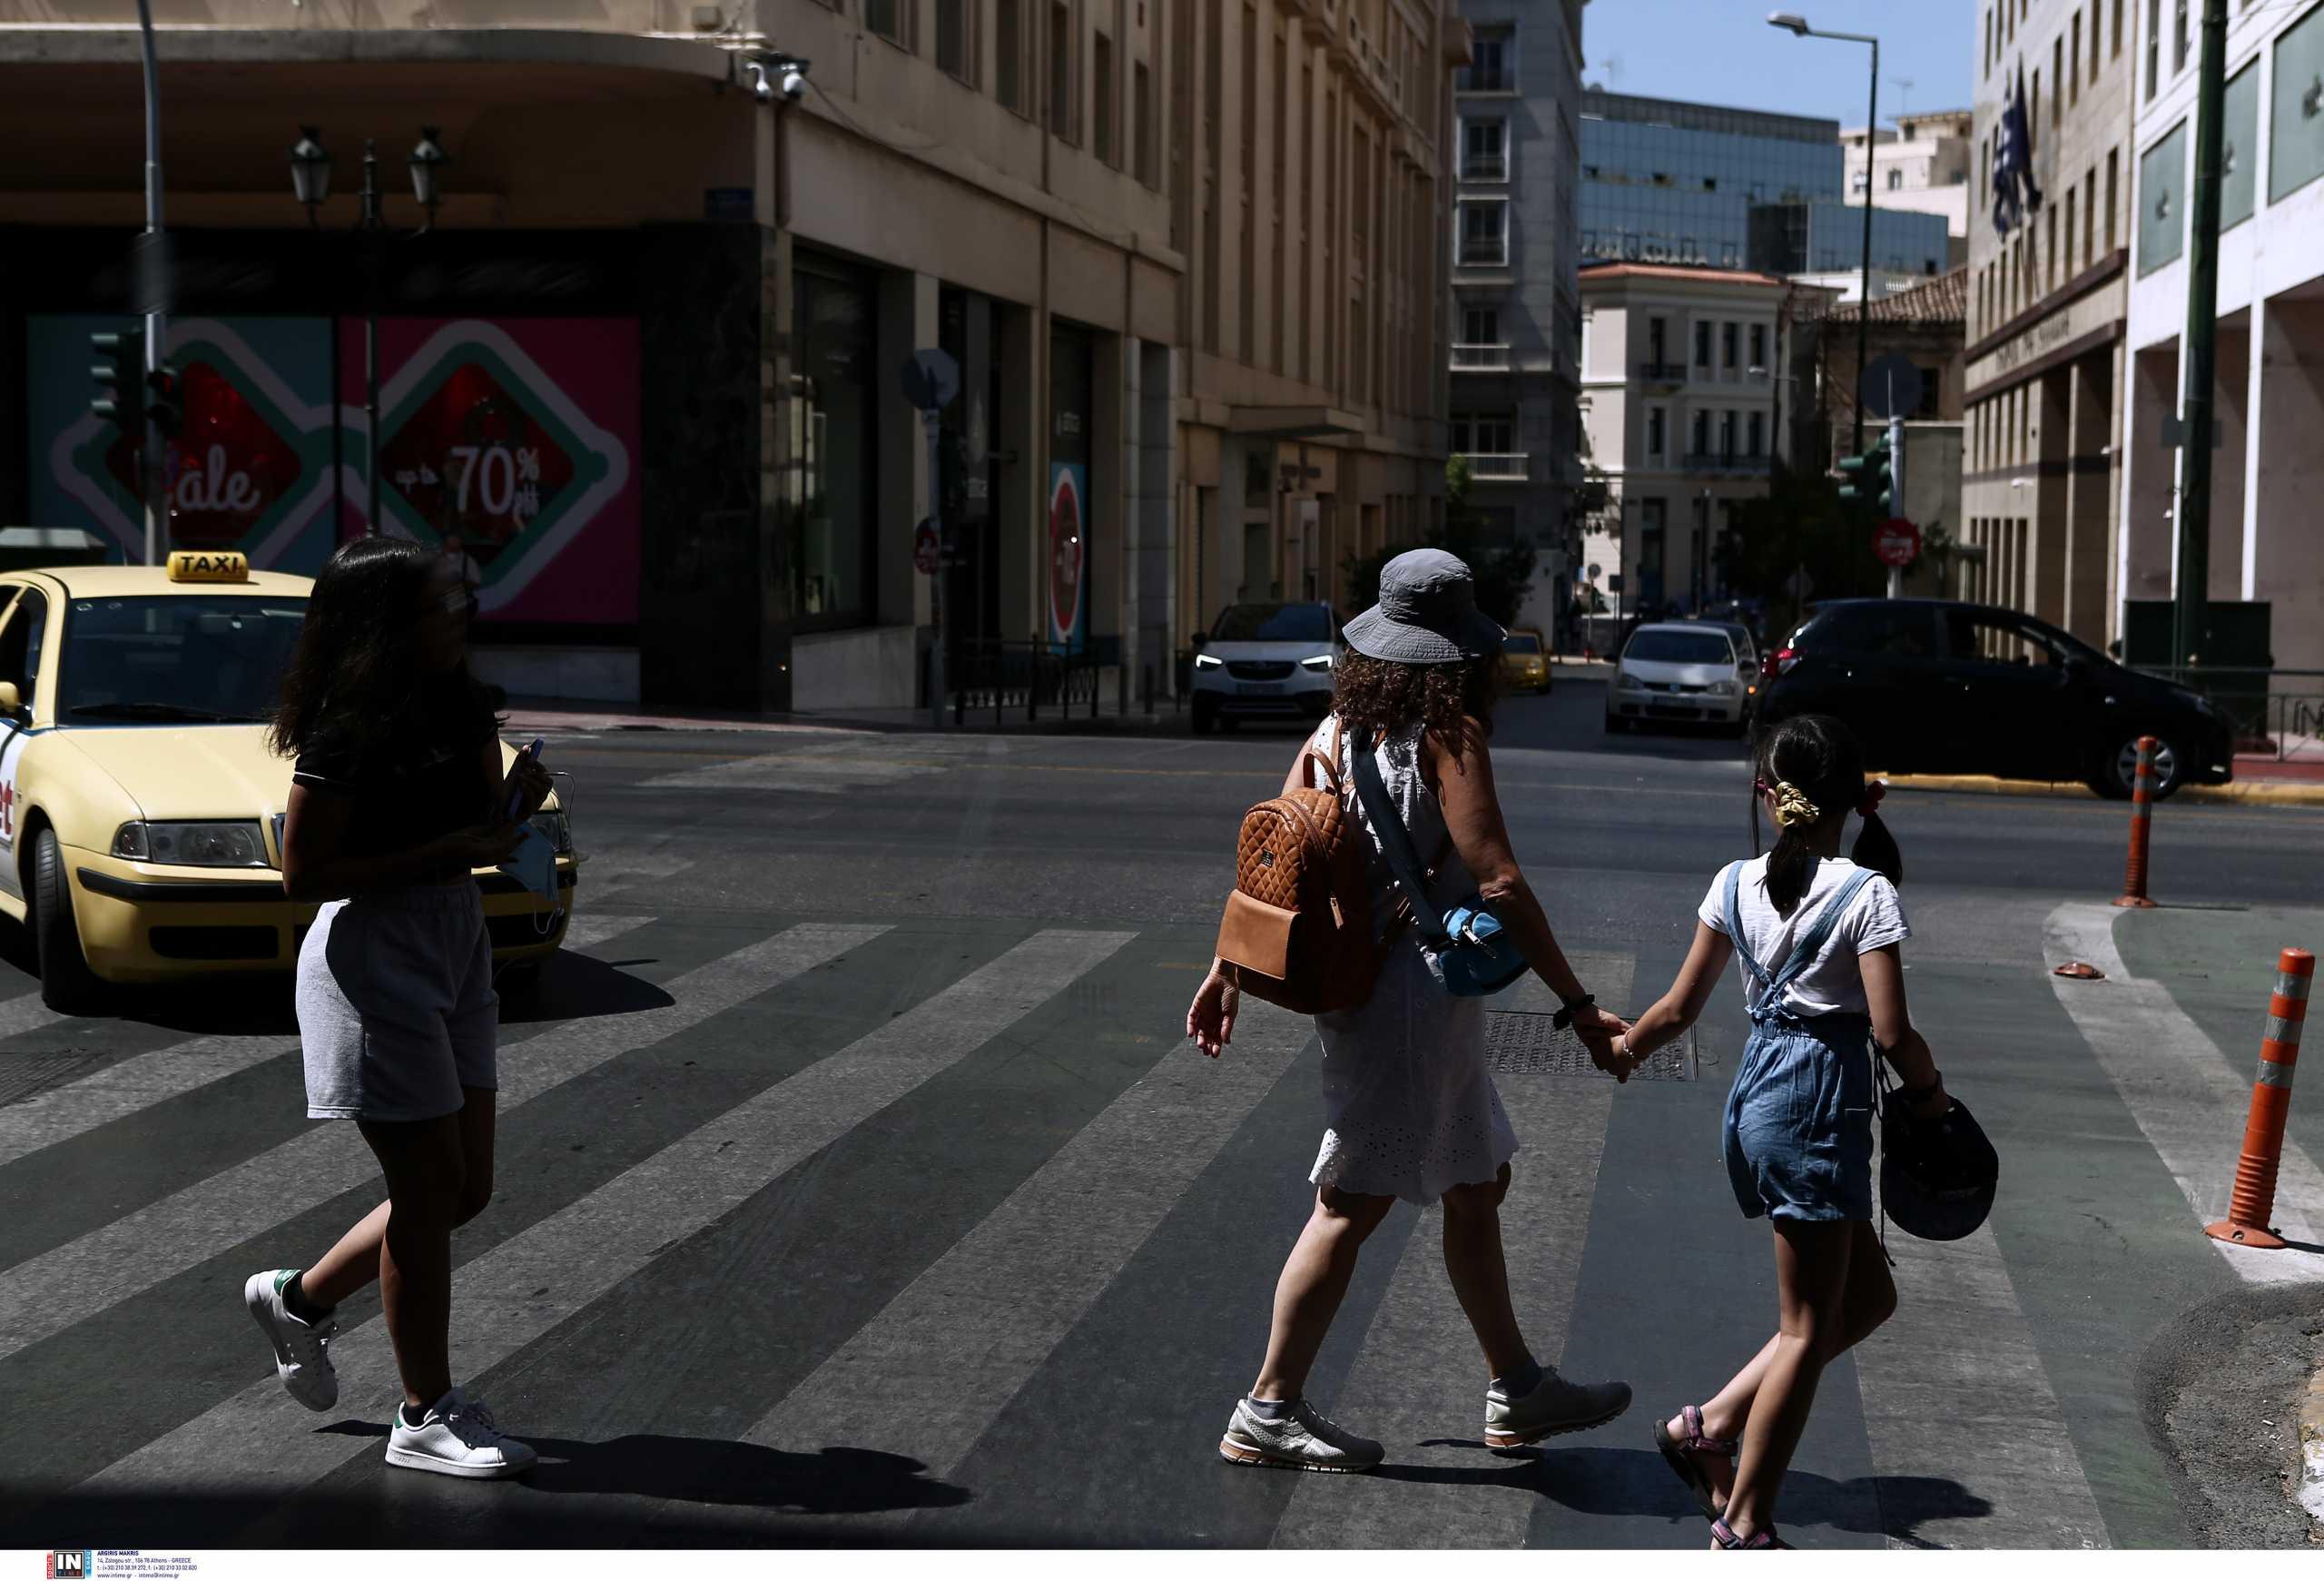 Κορονοϊός: Ανησυχία για Μεσσηνία και Αχαΐα που έχουν πλέον τριψήφιο αριθμό νέων κρουσμάτων – Το 1/4 στην Αττική